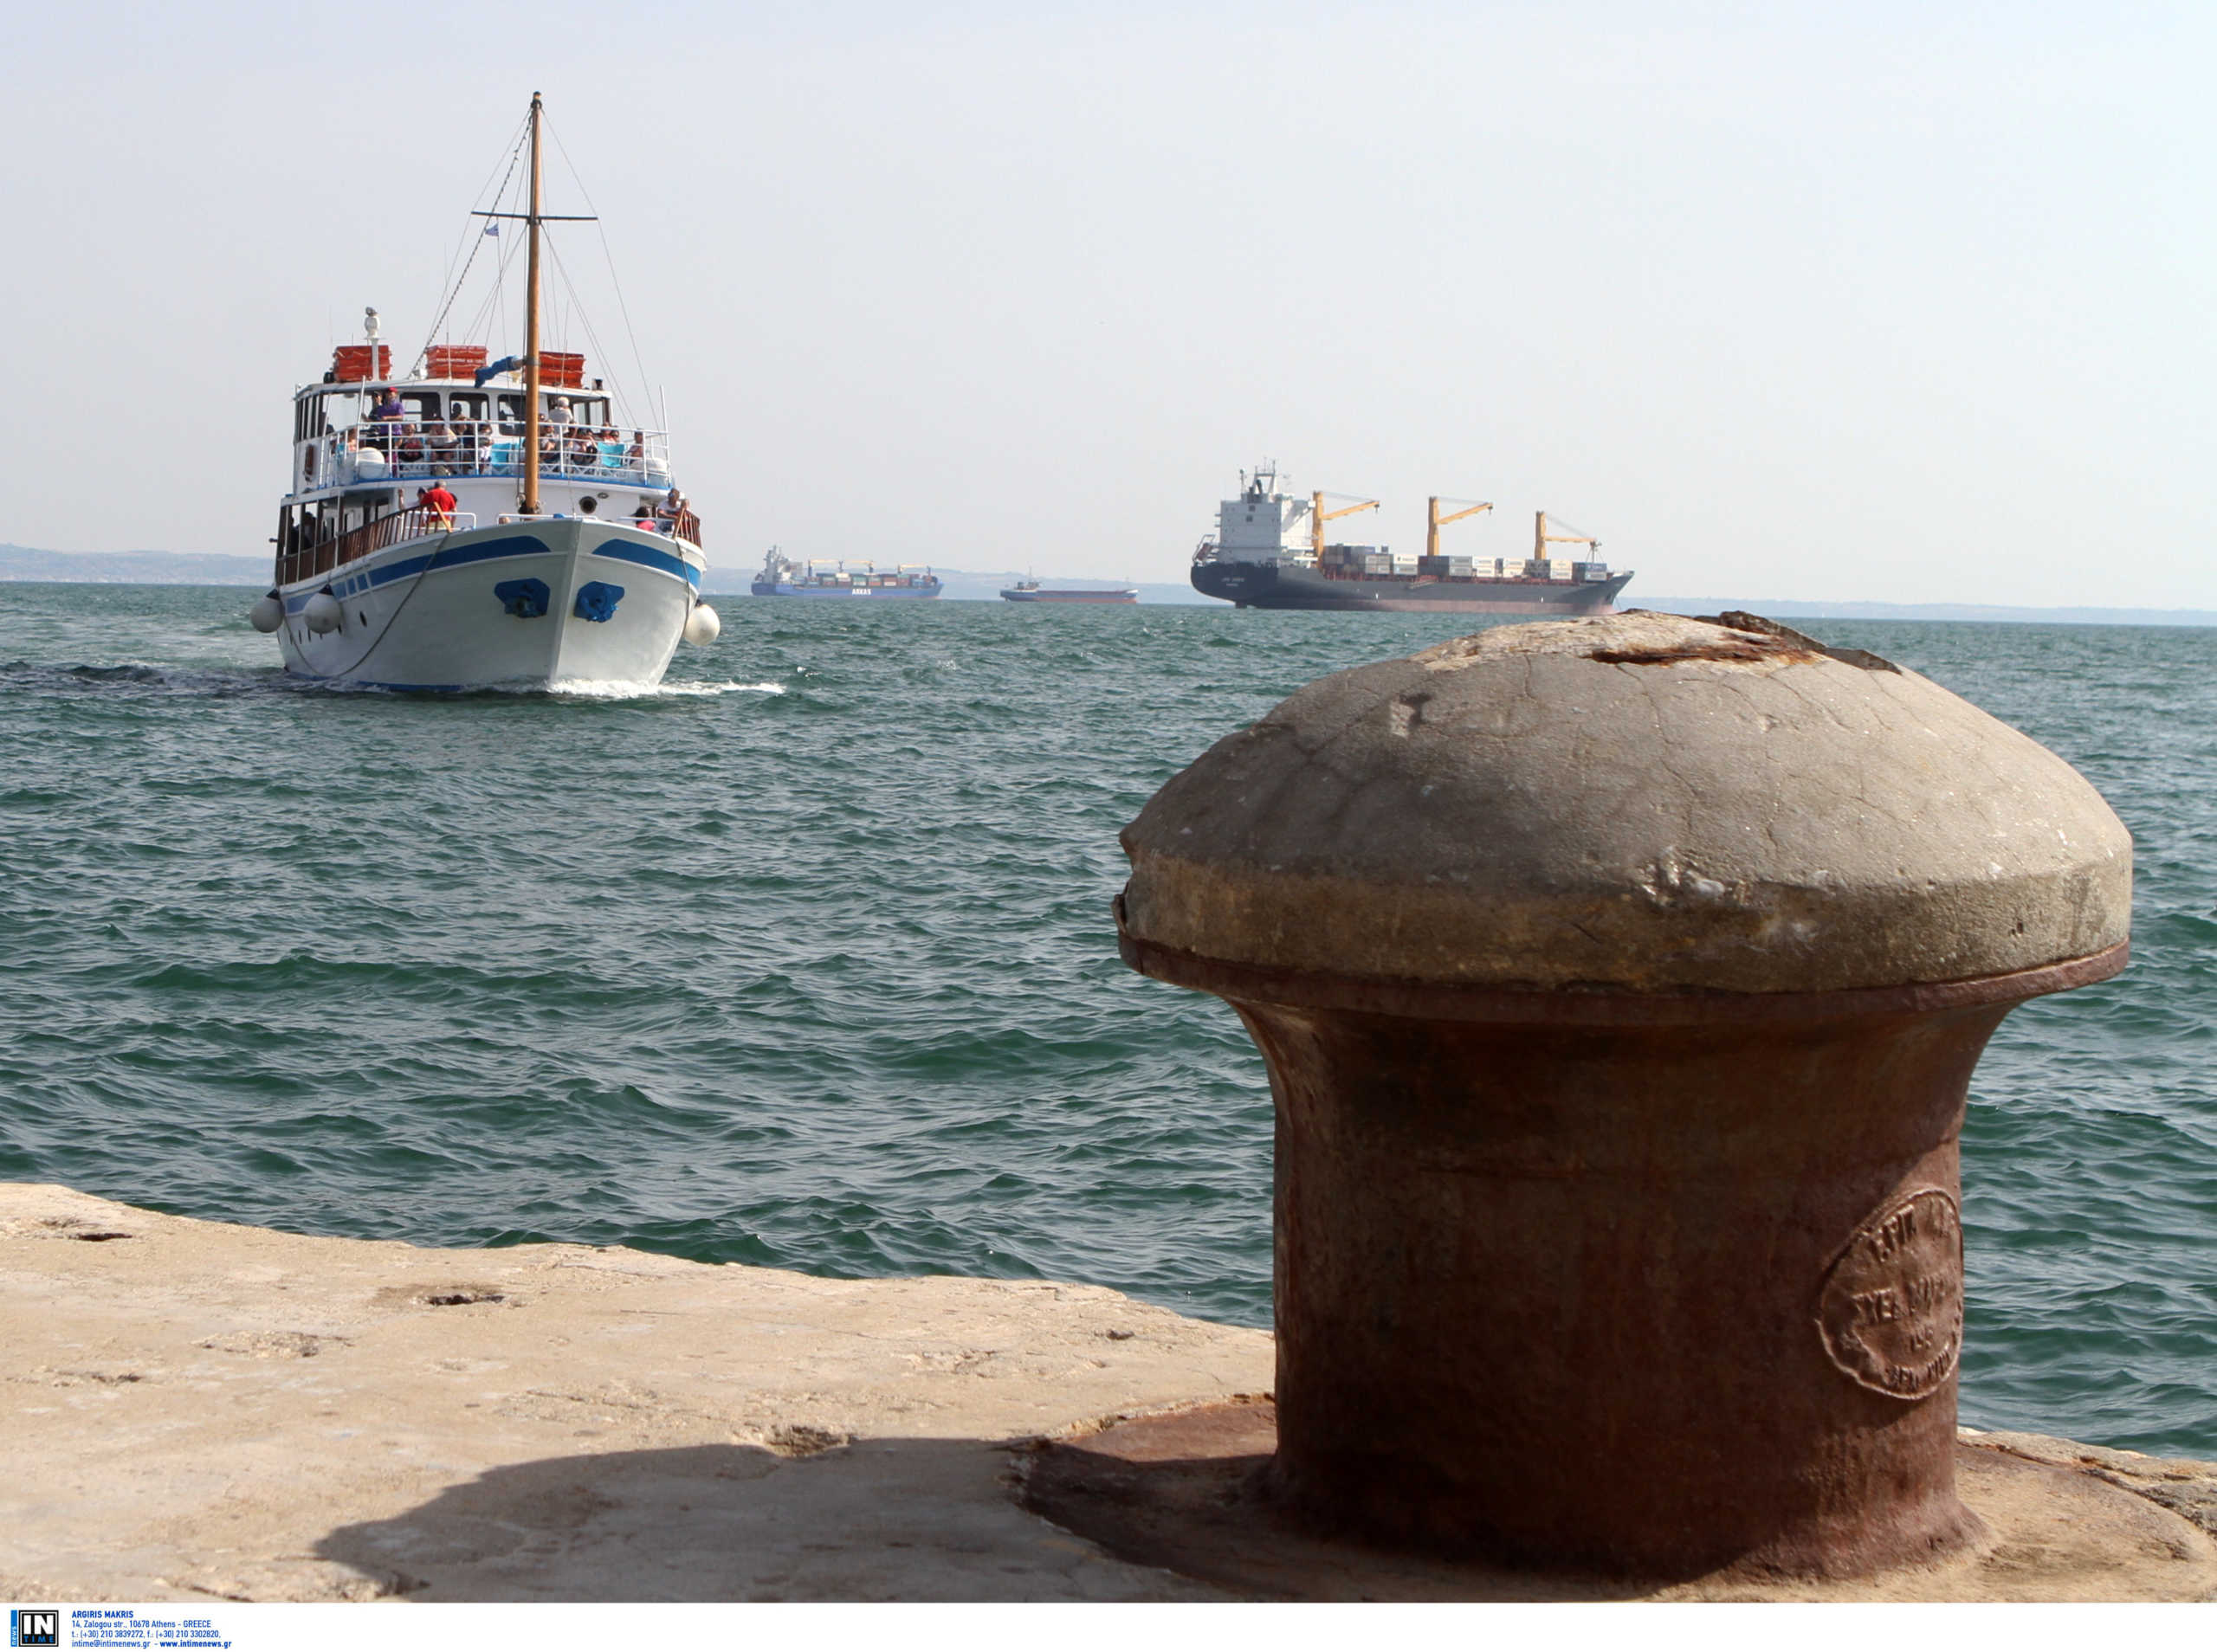 Θεσσαλονίκη: Αγνοείται 62χρονος ψαράς στο Θερμαϊκό Κόλπο – Σε εξέλιξη έρευνες